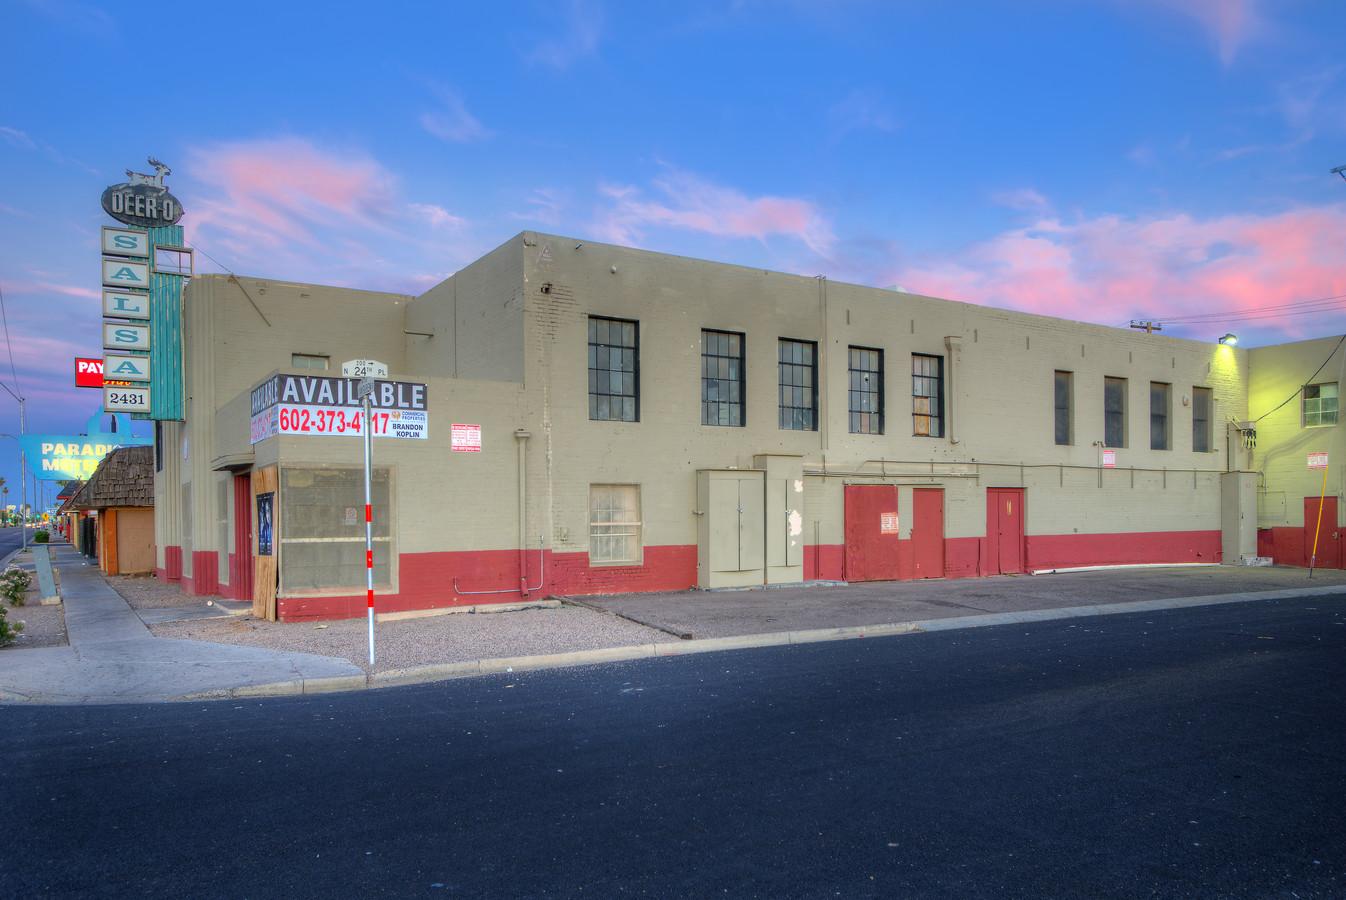 2431 E Van Buren St, Phoenix AZ 85008 Industrial or Retail Building